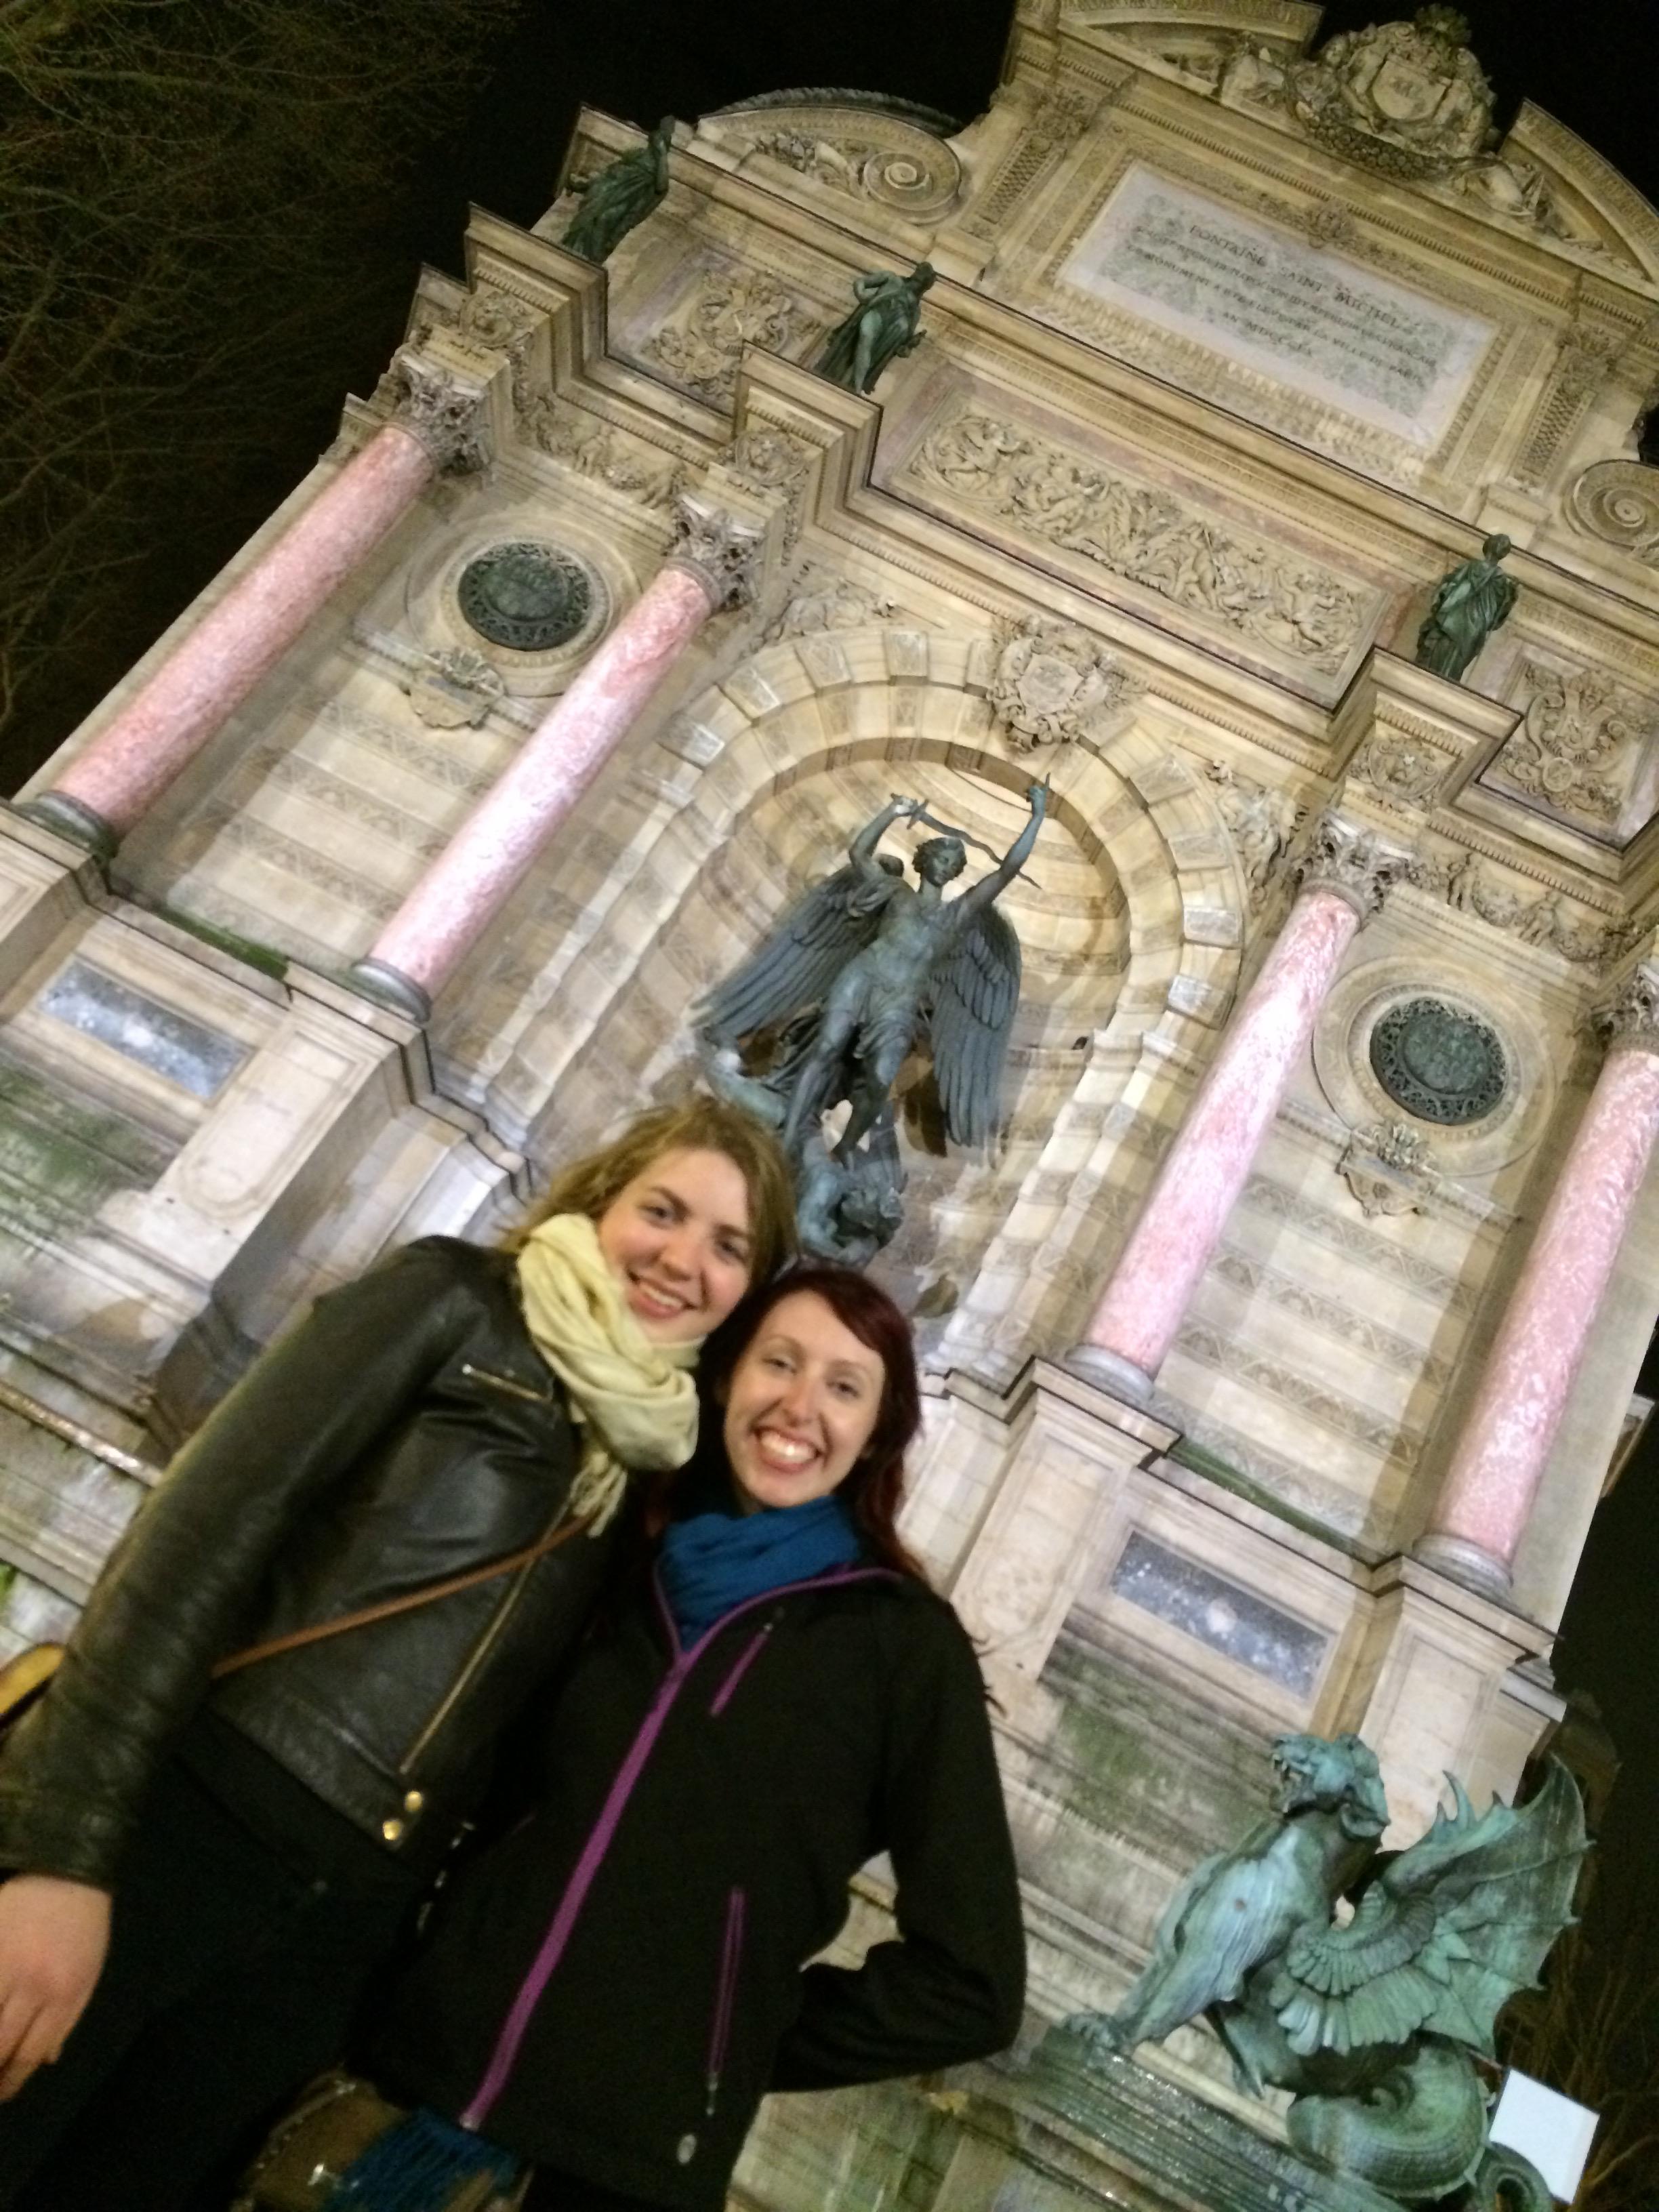 Visiting Fontaine Saint-Michel